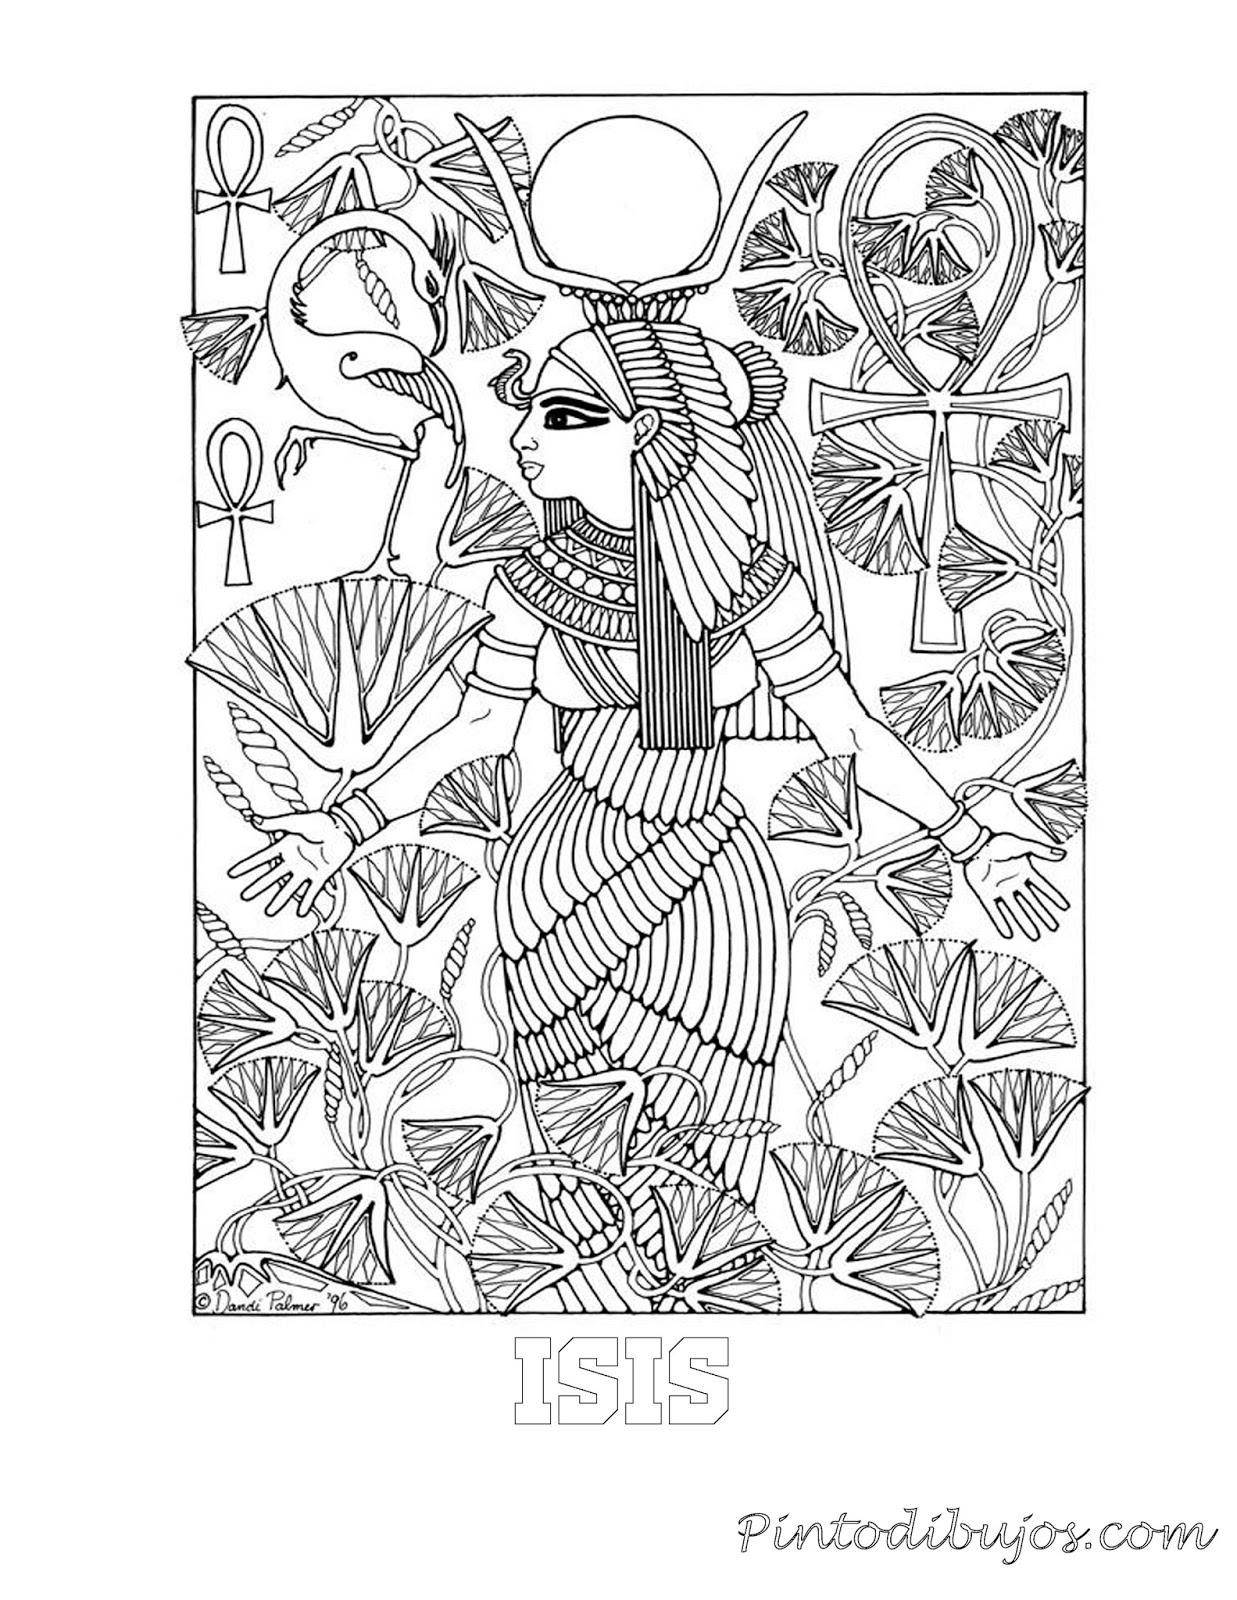 Isis Diosa egipcia para colorear | Isis Diosa egipcia para colorear